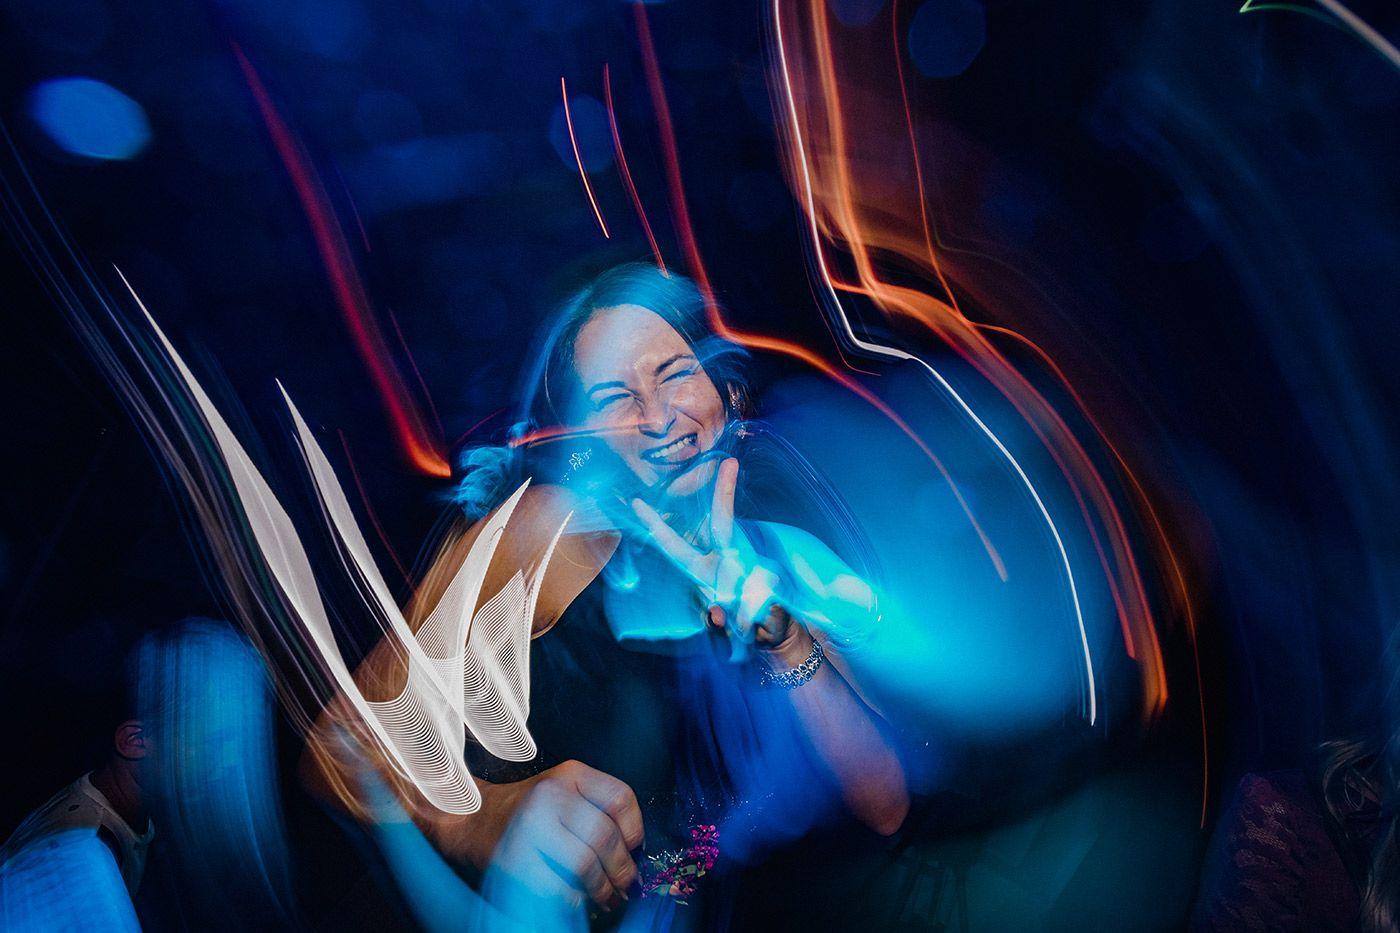 hochzeit_hochzeitsreportage_zeche_zollverein_casino_hochzeitsfotograf_lumoid_nadine_lotze_hagen_ruhrgebiet_essen_party_on_tanzen_hochzeitsfotografin